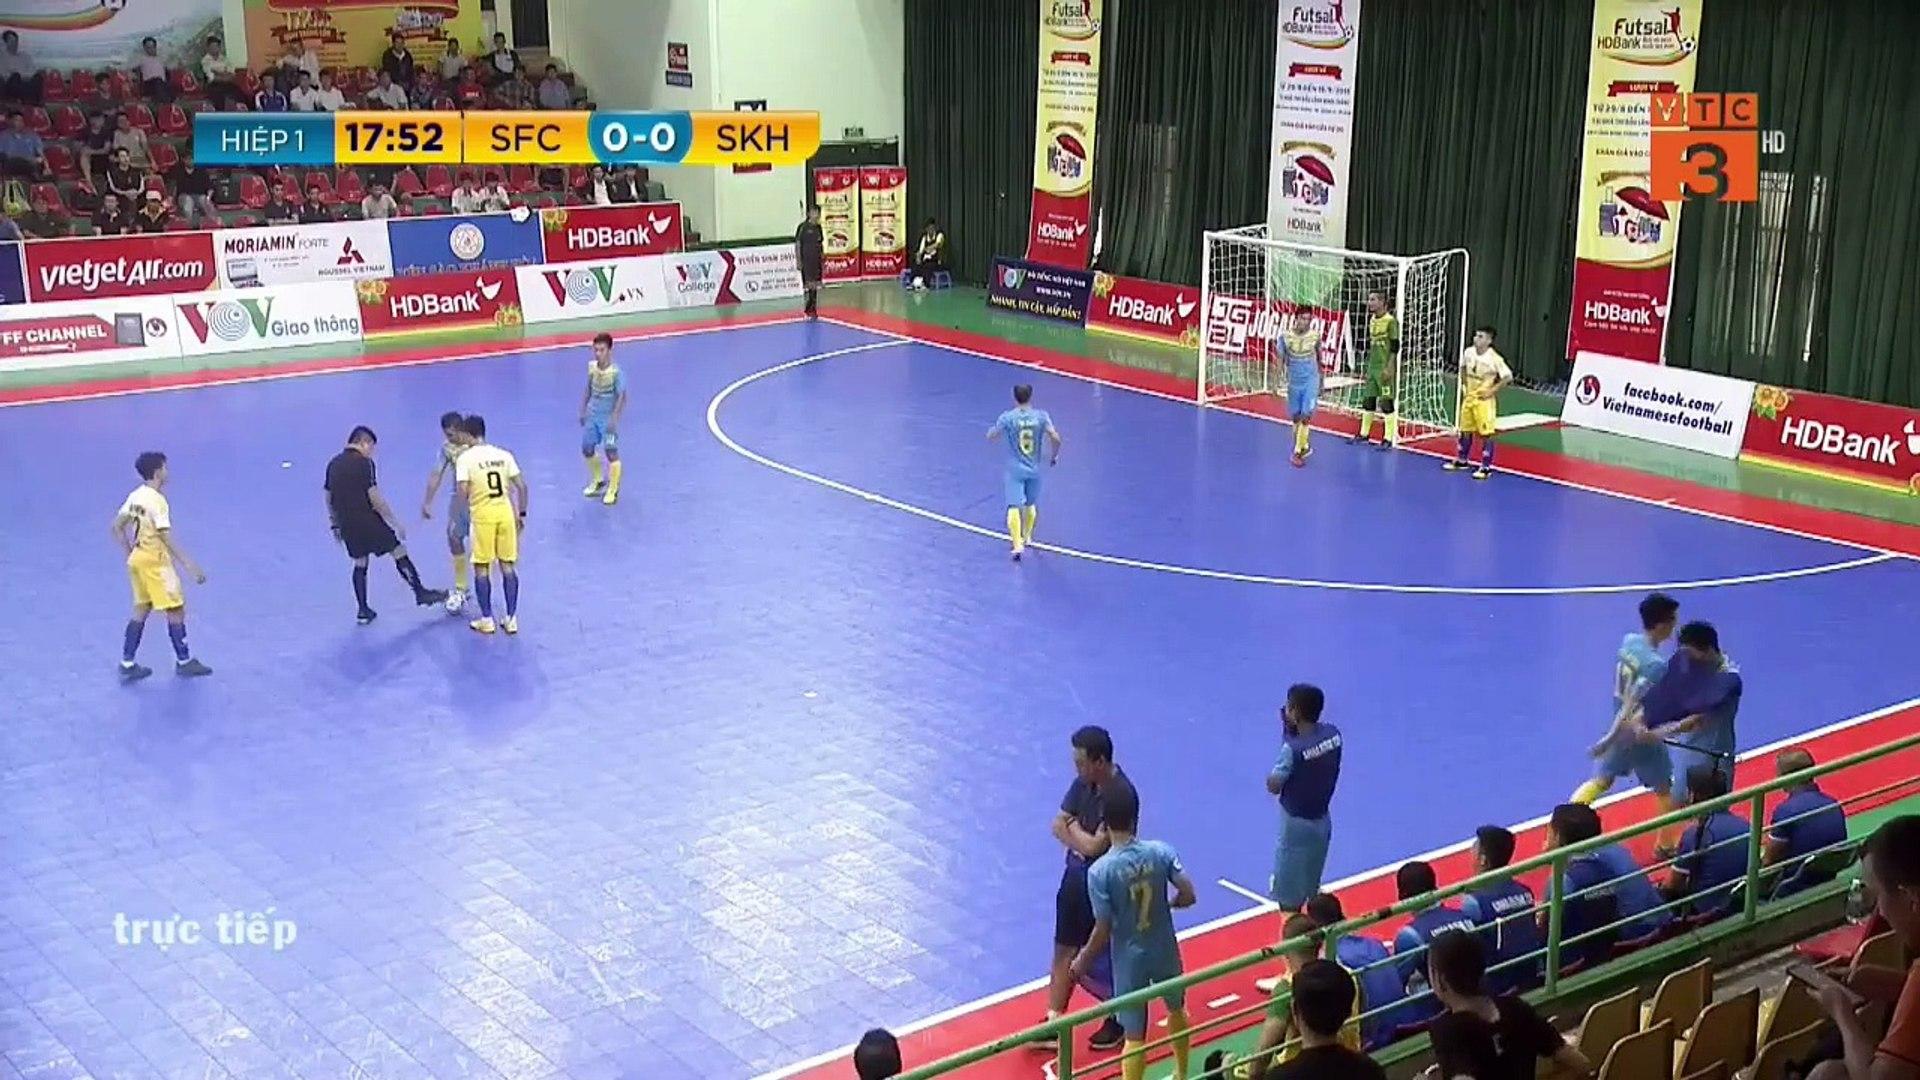 Trực tiếp | Sahako - Sanvinest Sanna KH | Futsal HDBank 2019 | VFF Channel